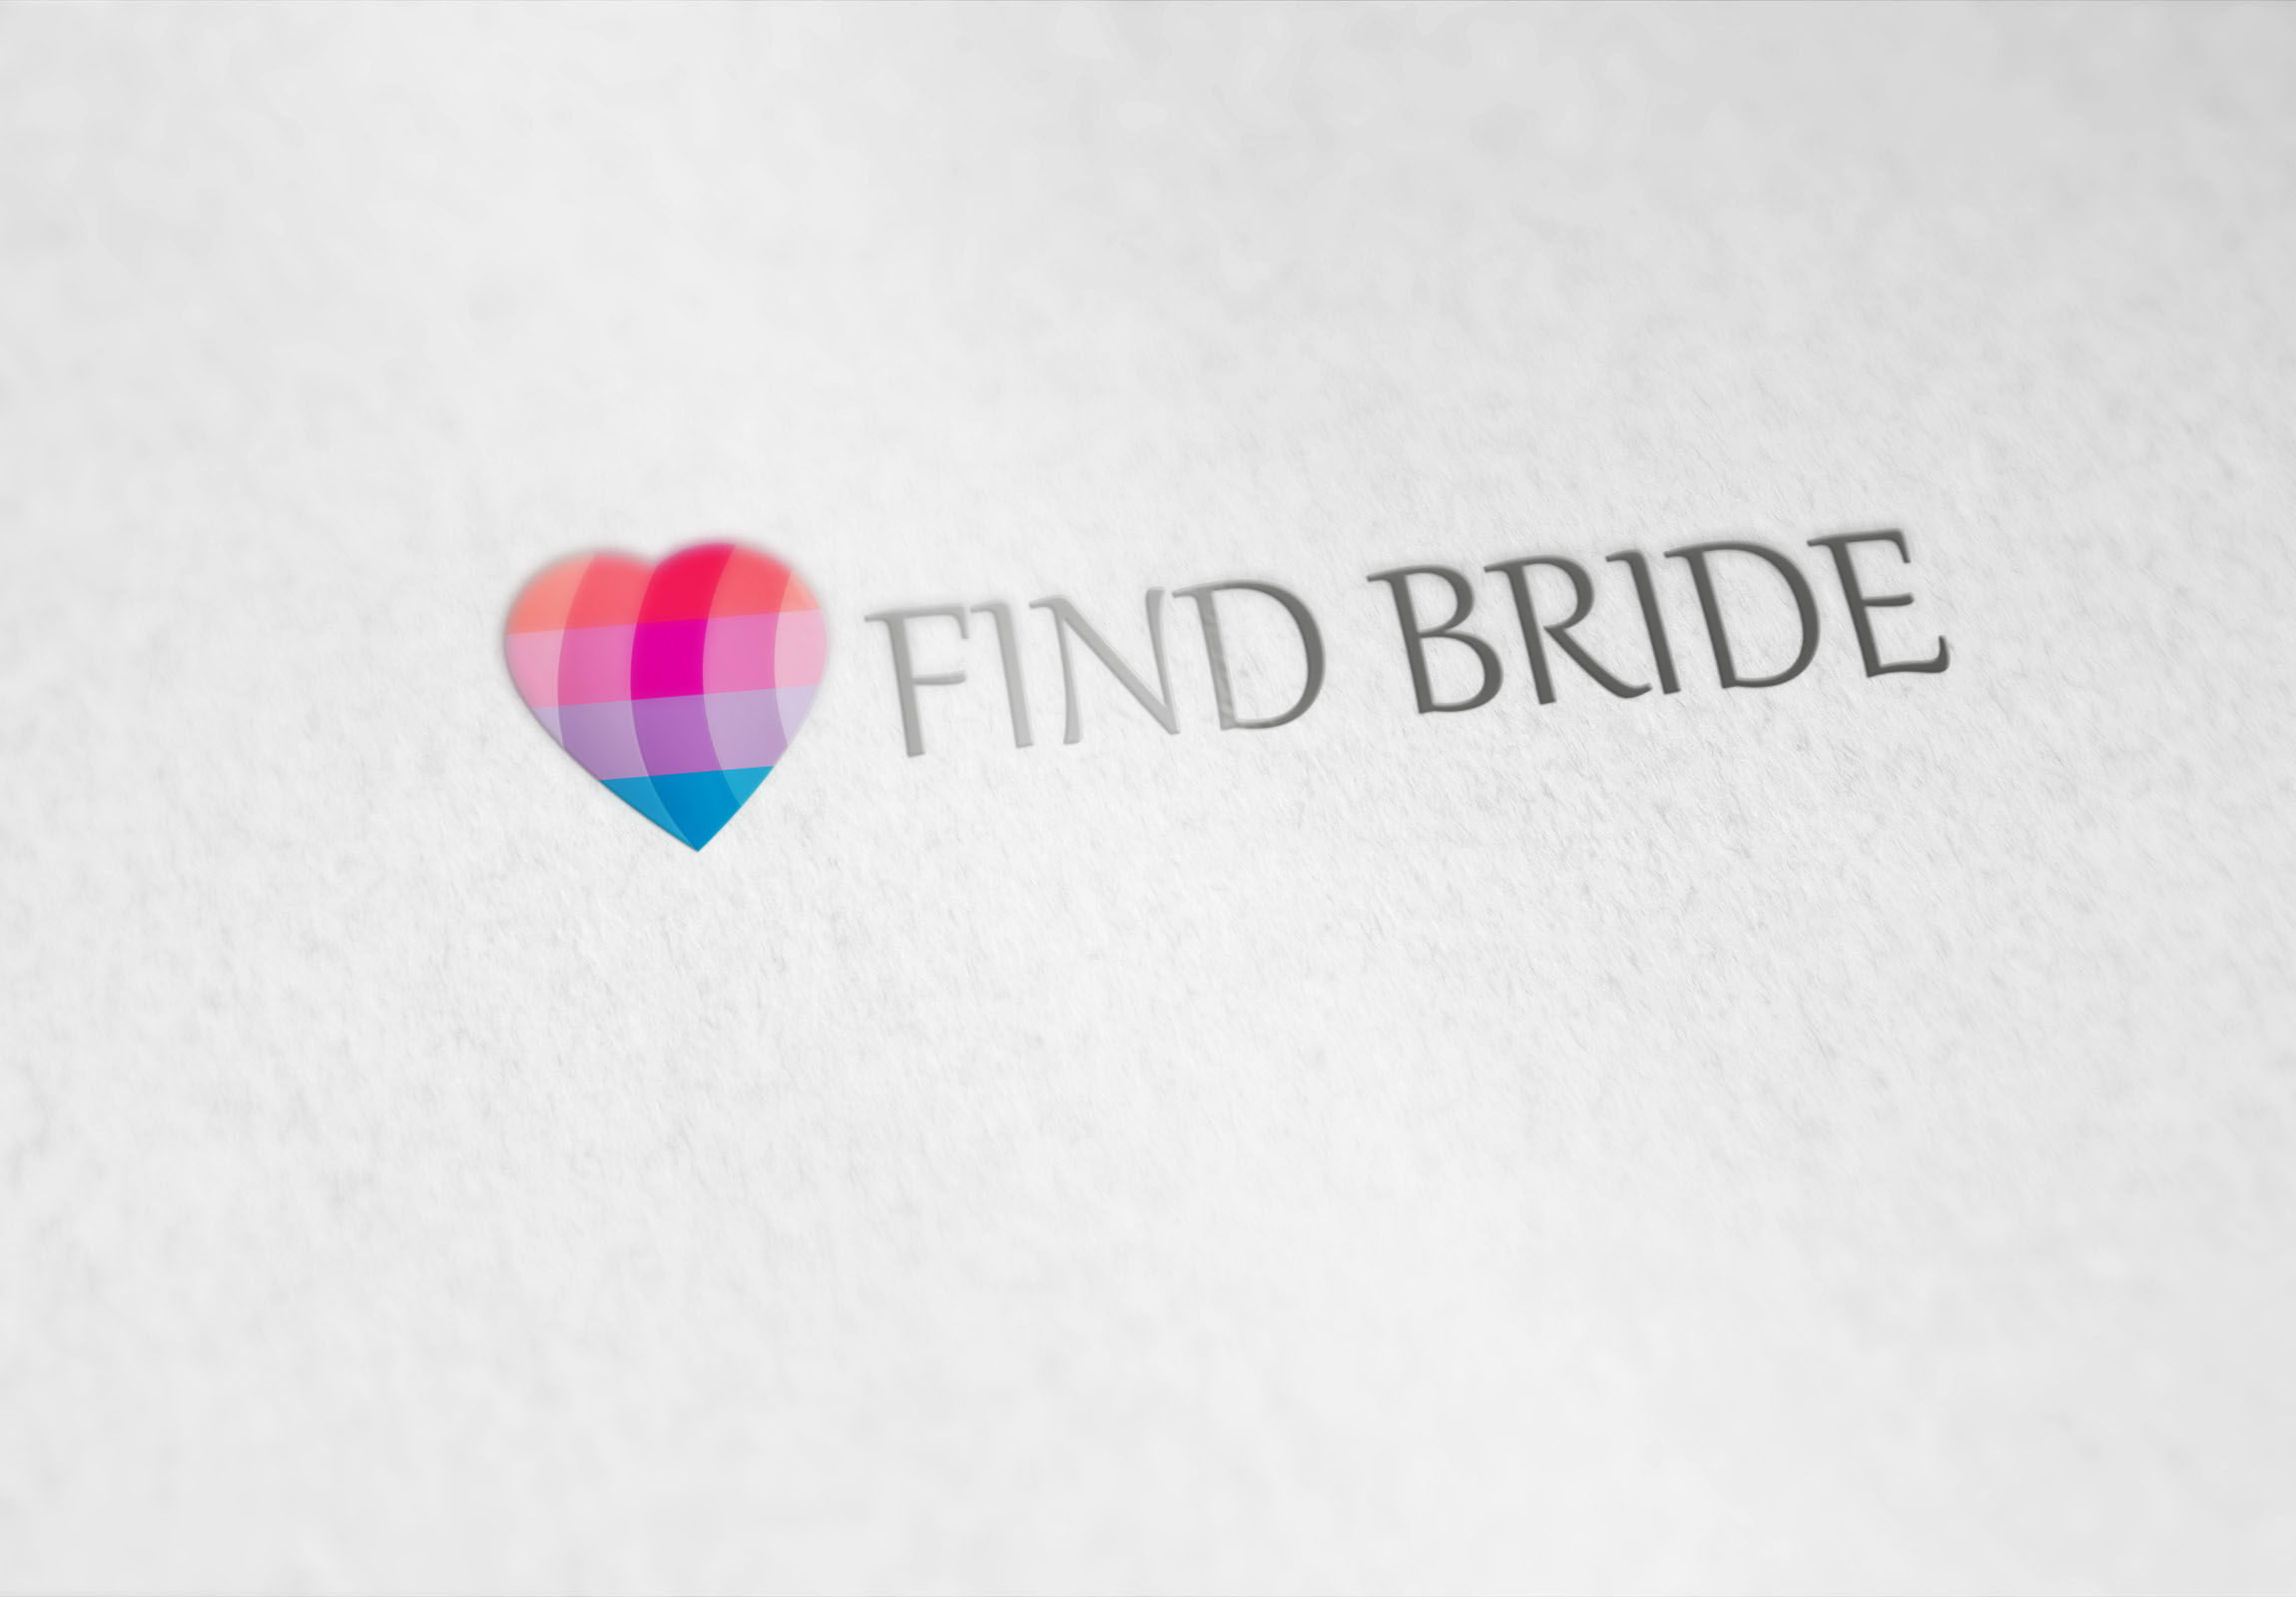 Нарисовать логотип сайта знакомств фото f_5565ad0a1b962e97.jpg